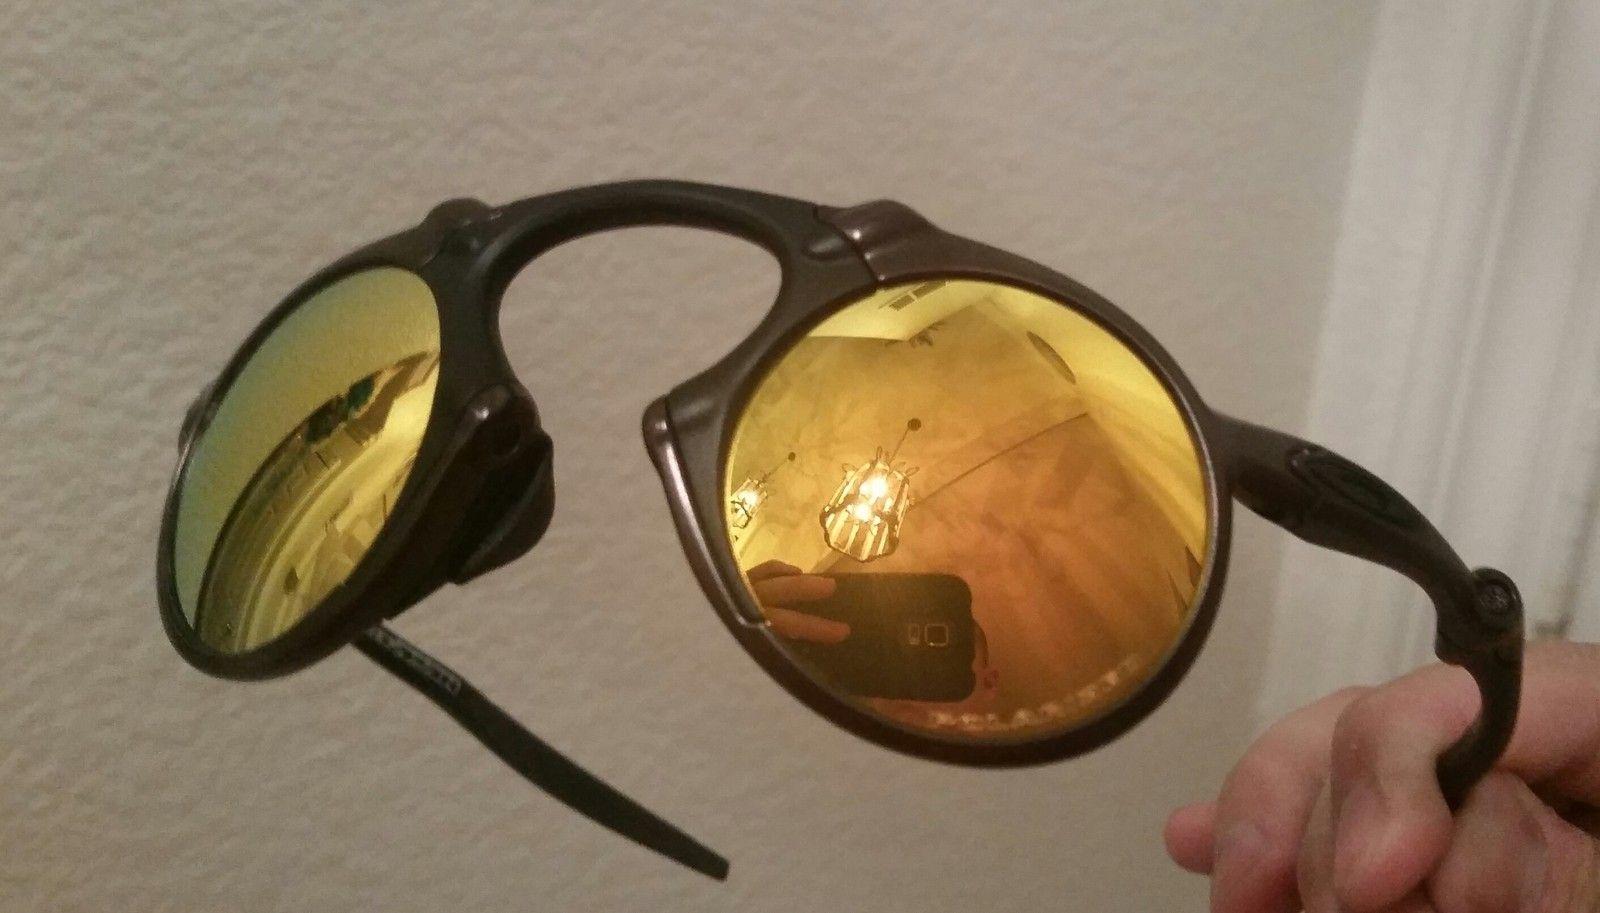 Madman pewter color frame with fire lens - uploadfromtaptalk1426733255877.jpg